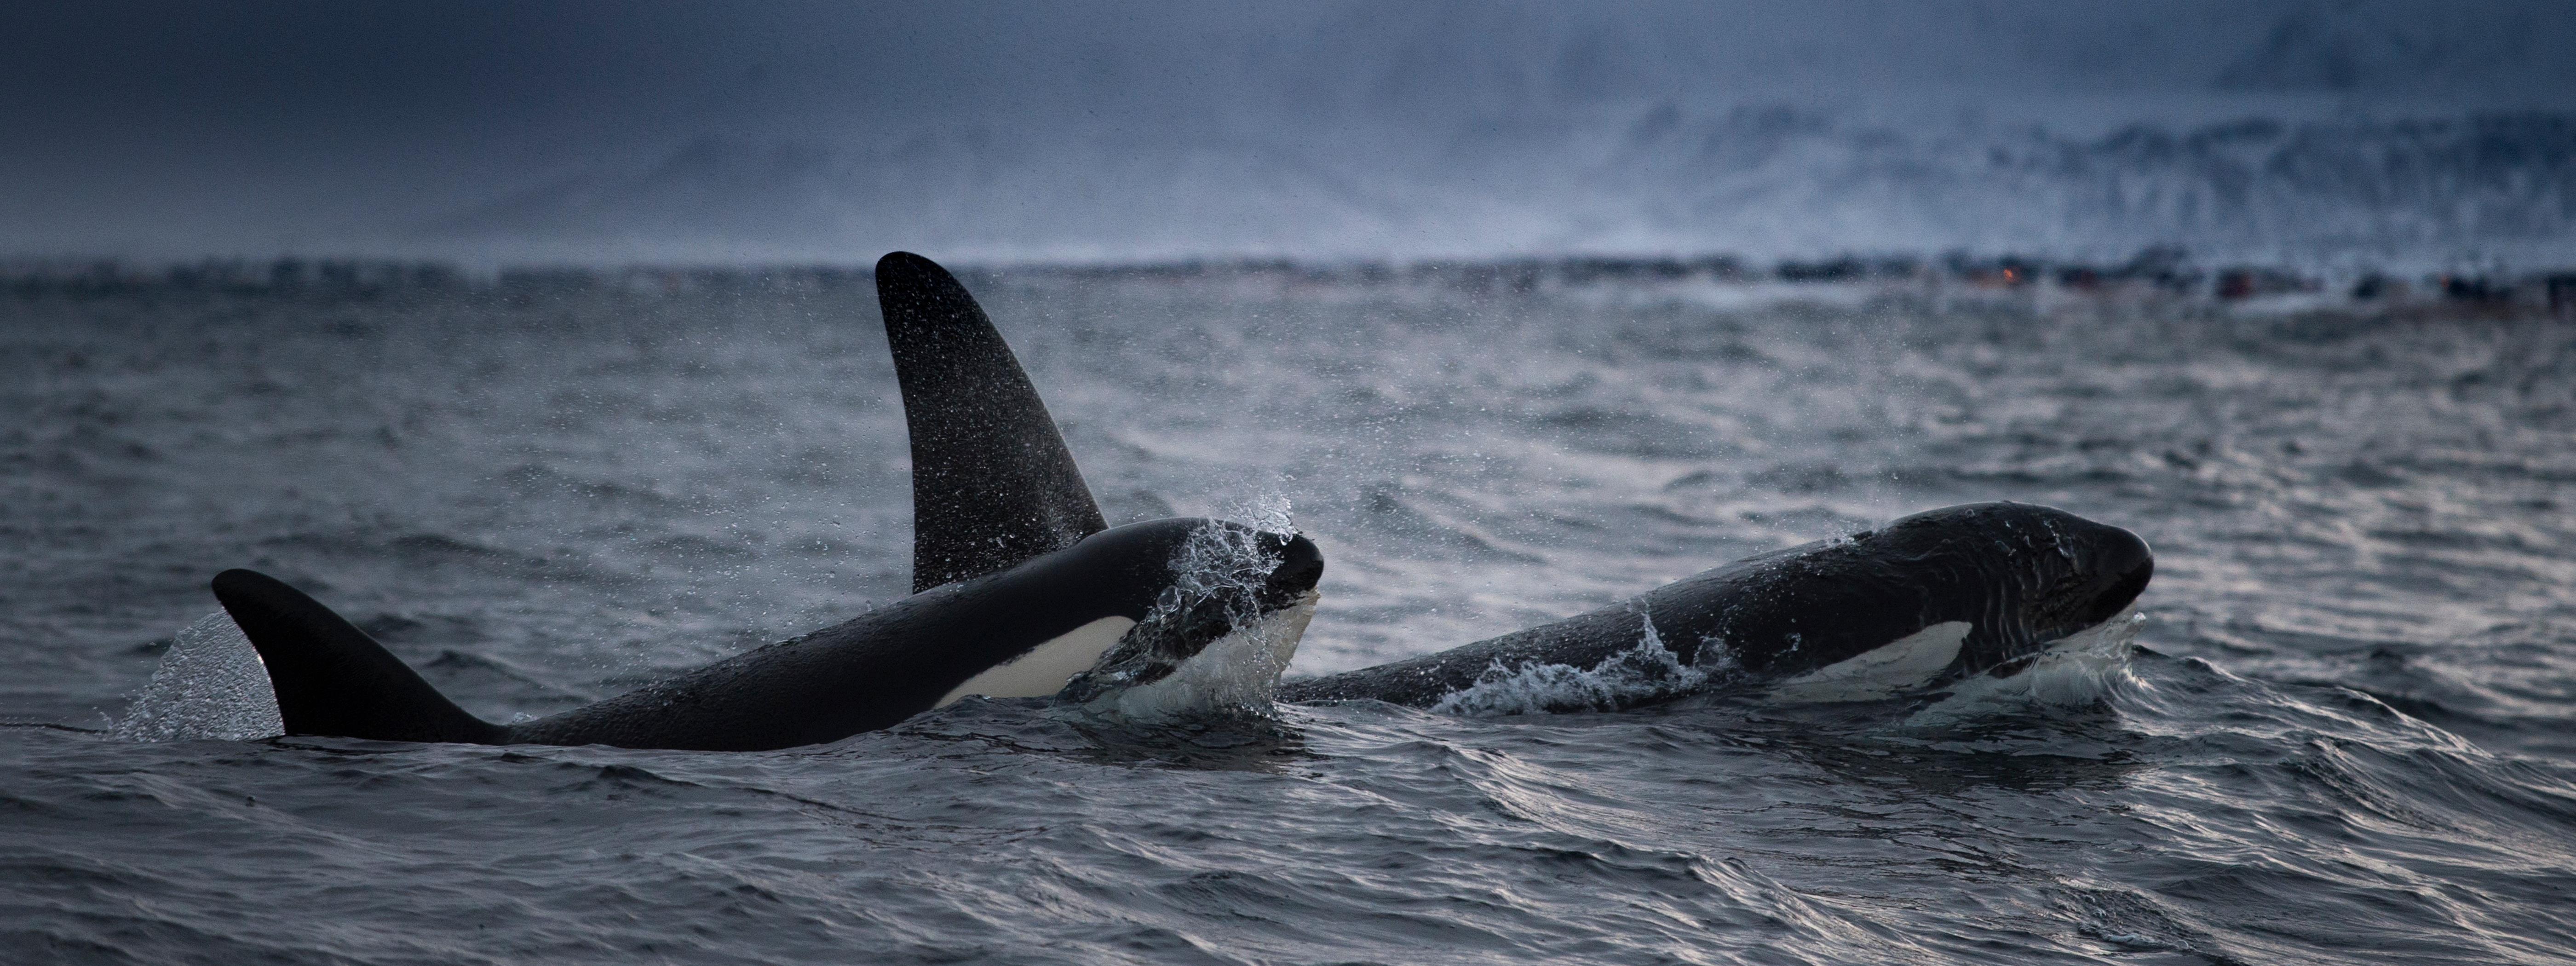 Ismét vemhes az elpusztult borját 17 napig gyászoló orka